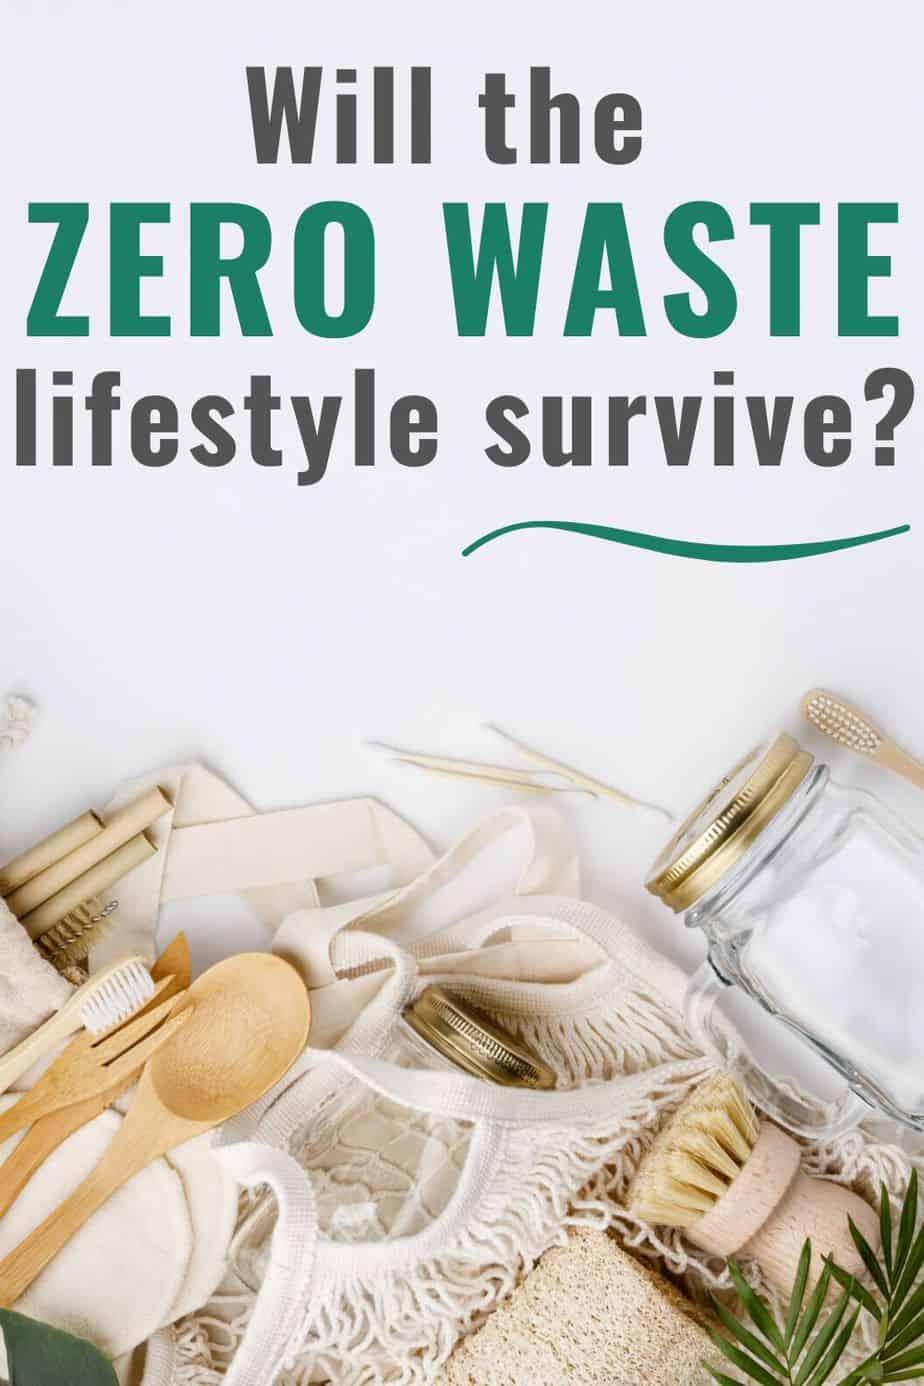 zero waste lifestyle_Pinterest image